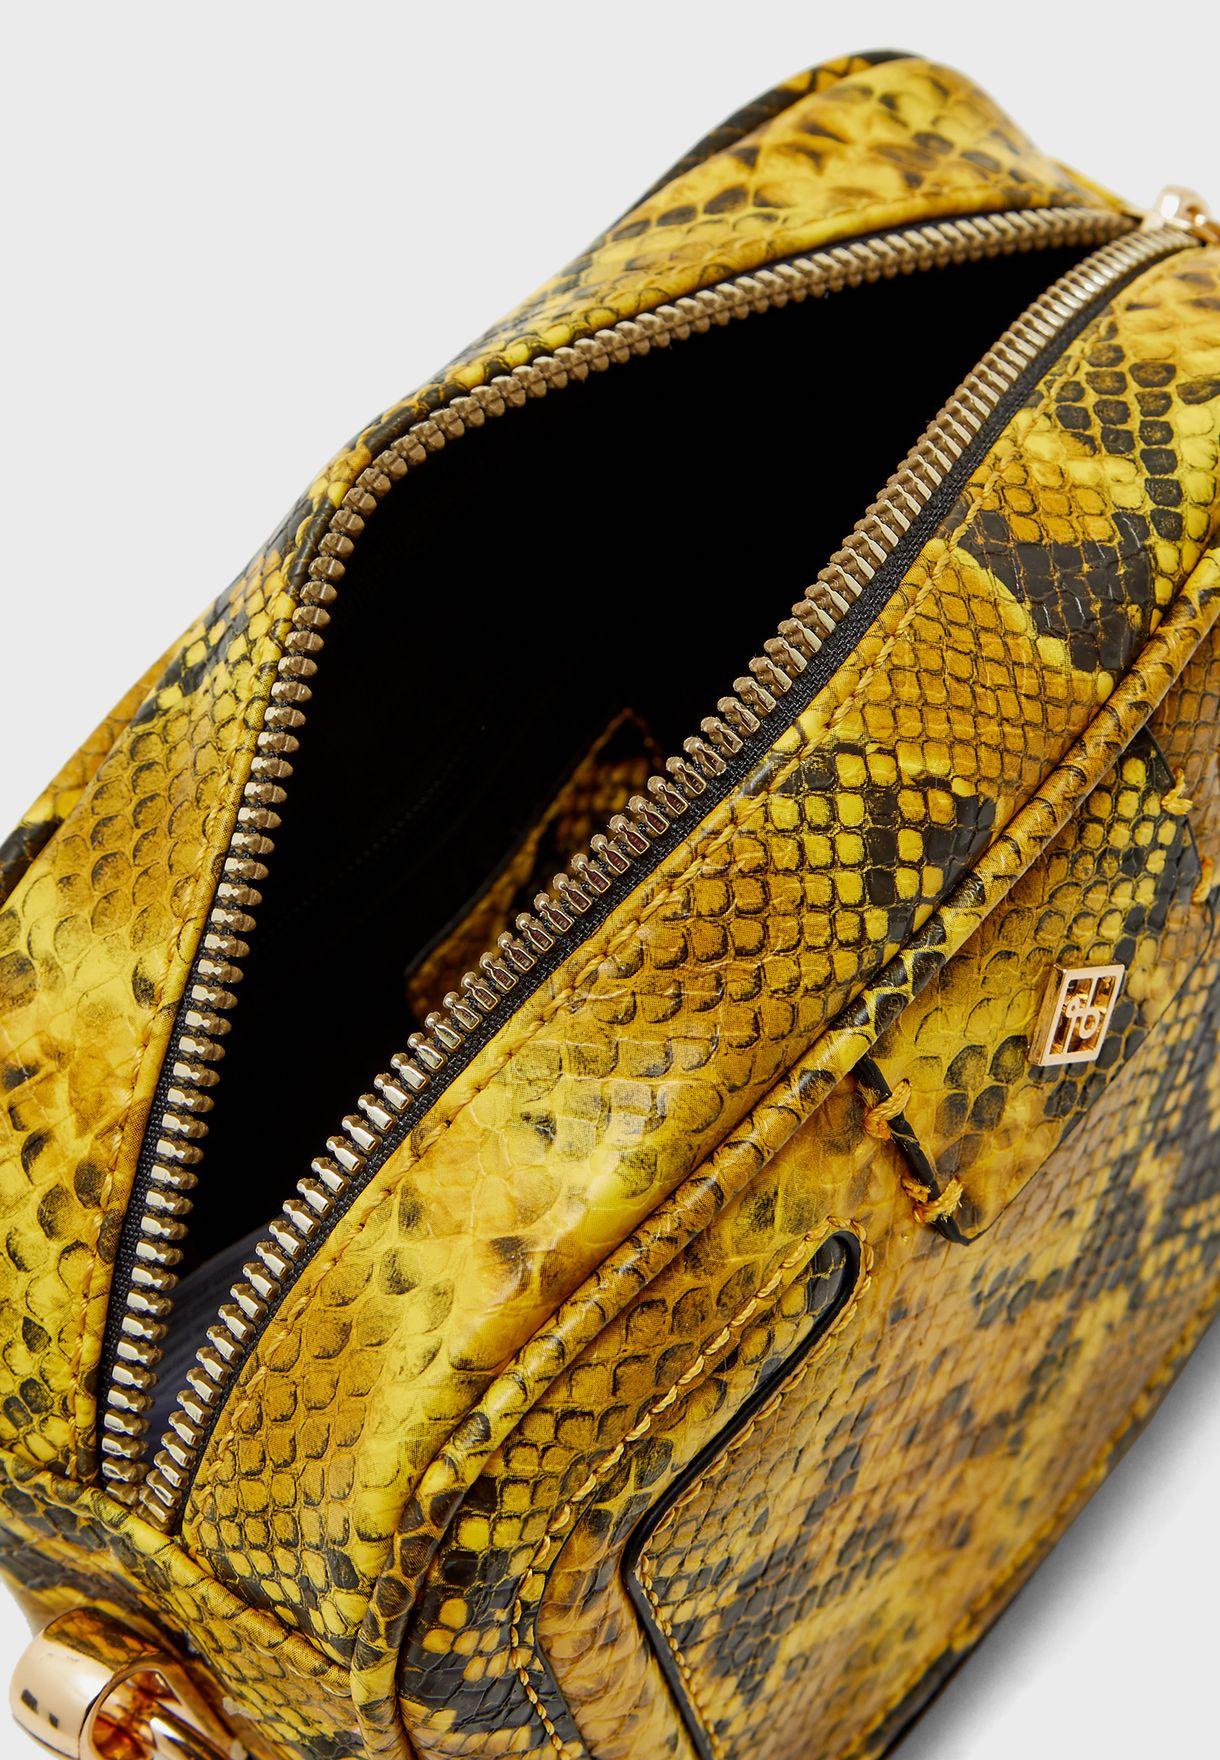 حقيبة جانبية بطبعات حيوانية